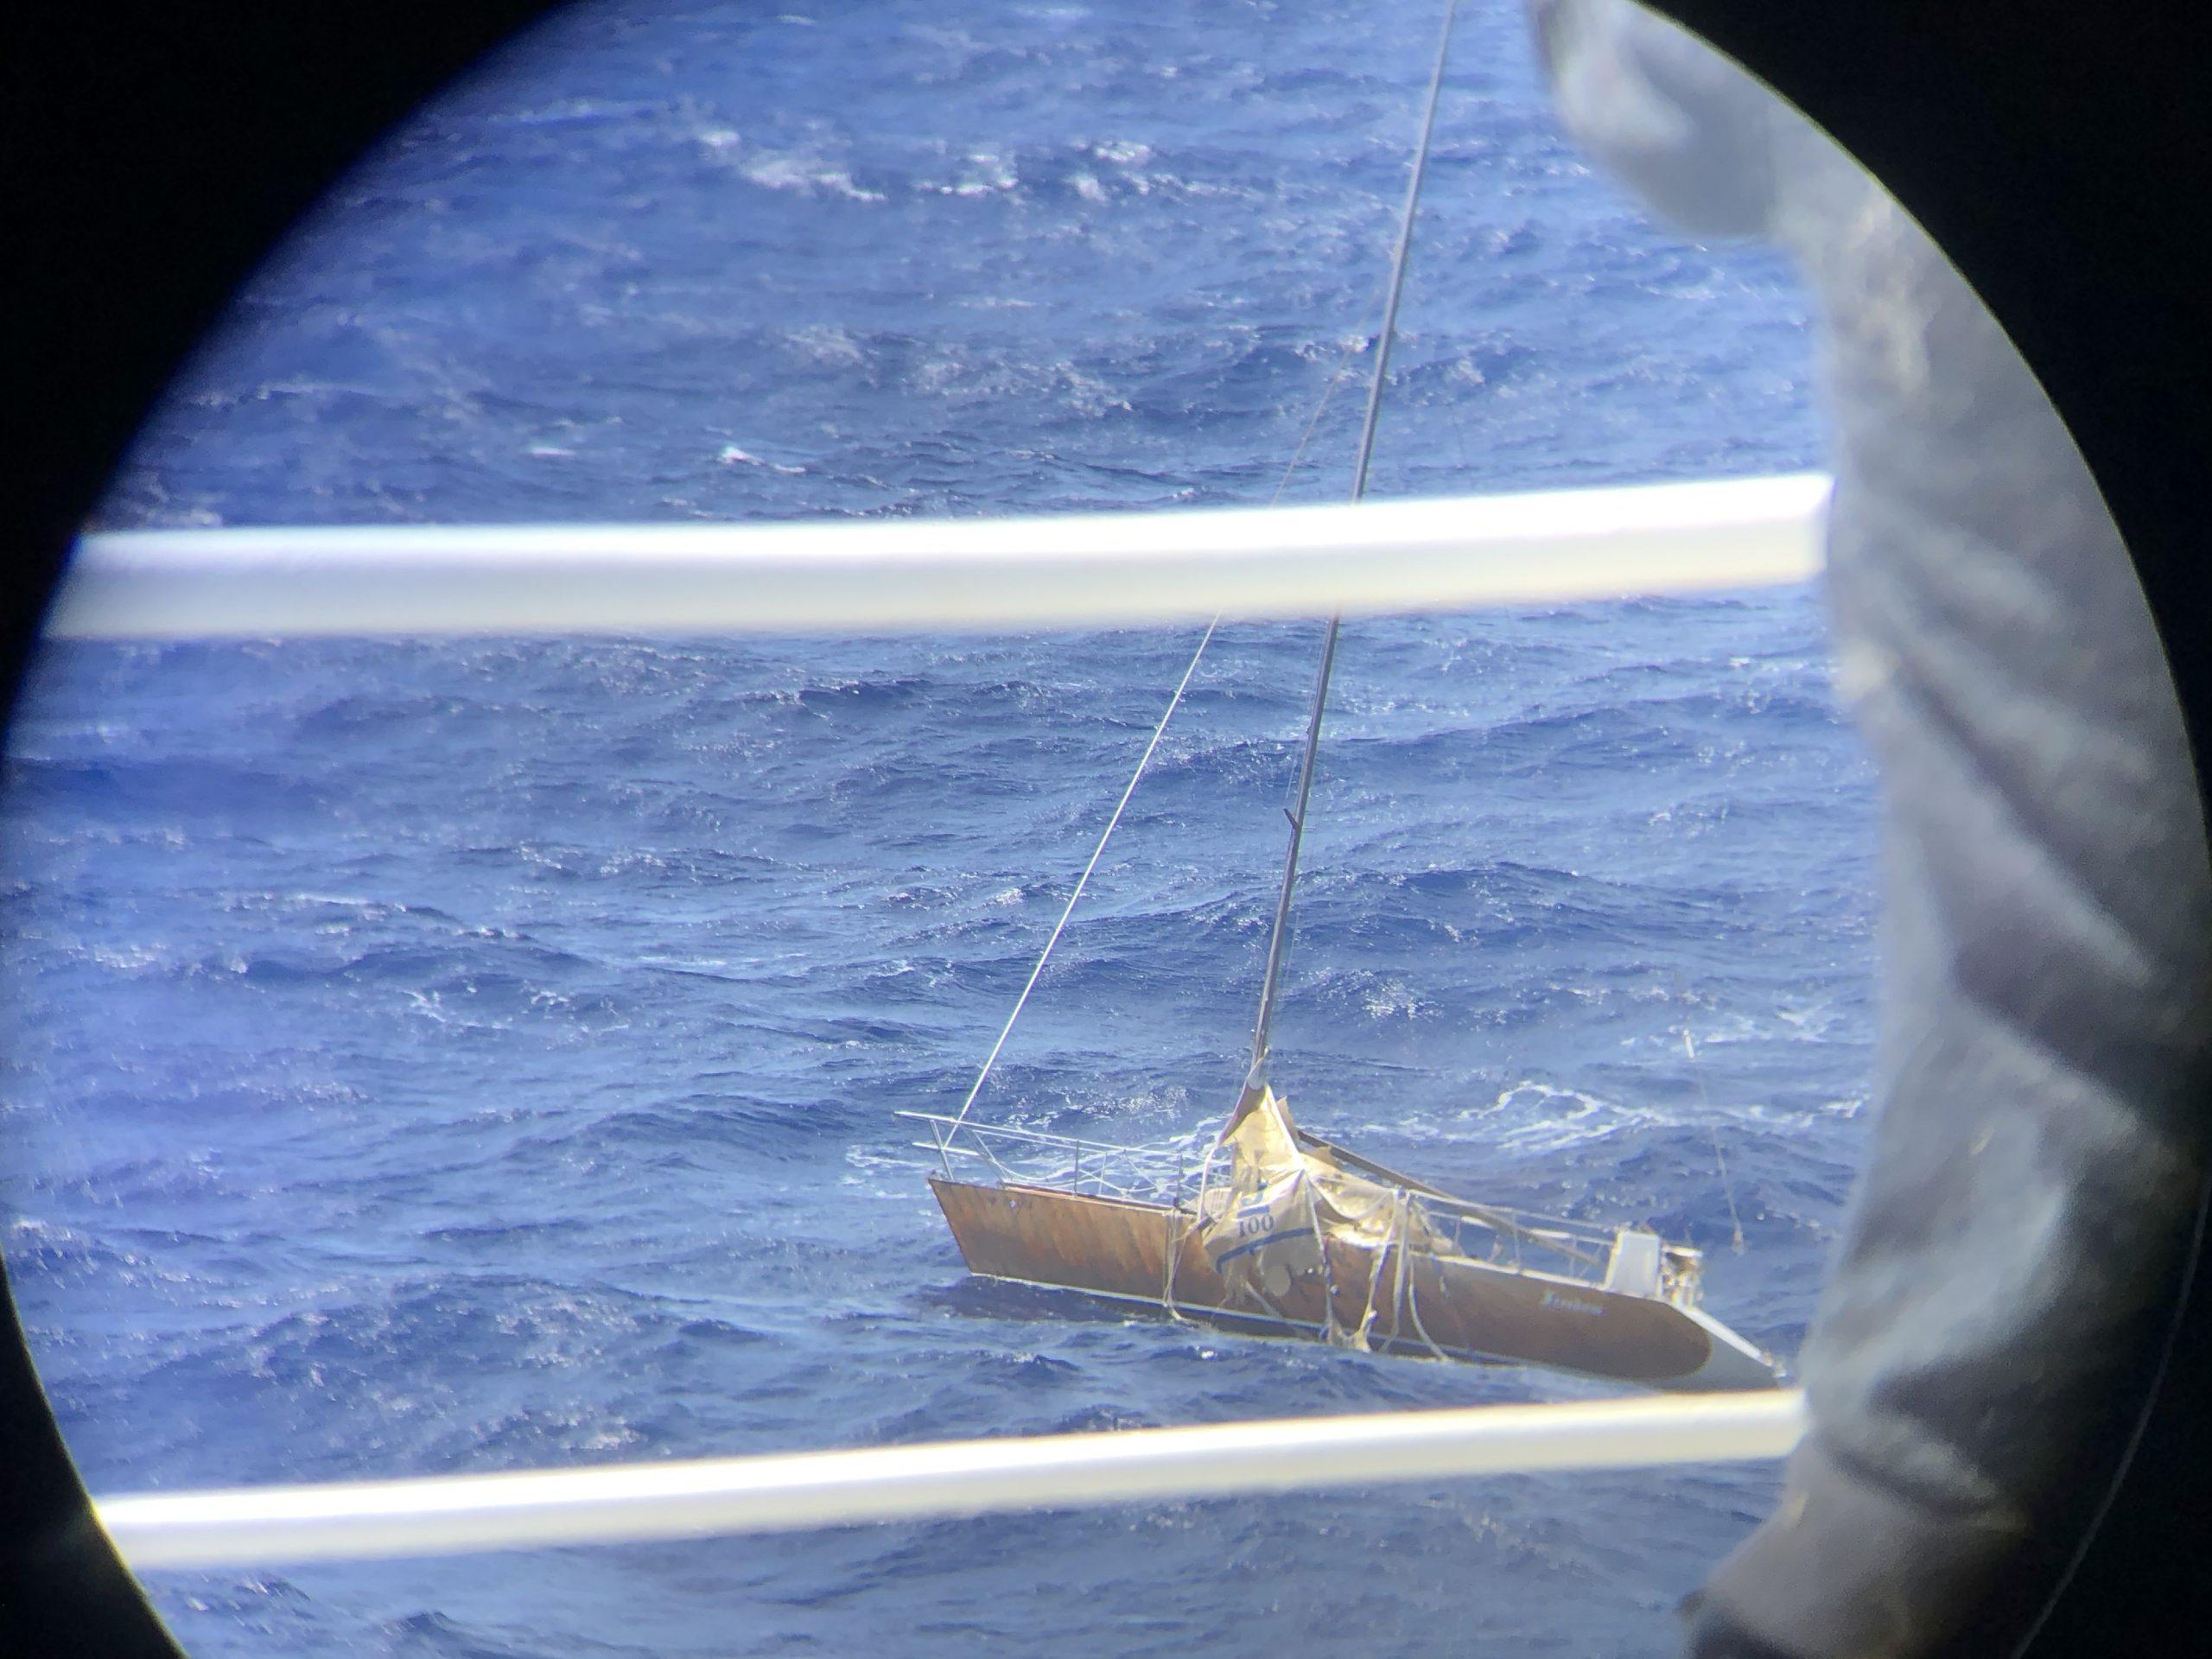 SV Freedom adrift